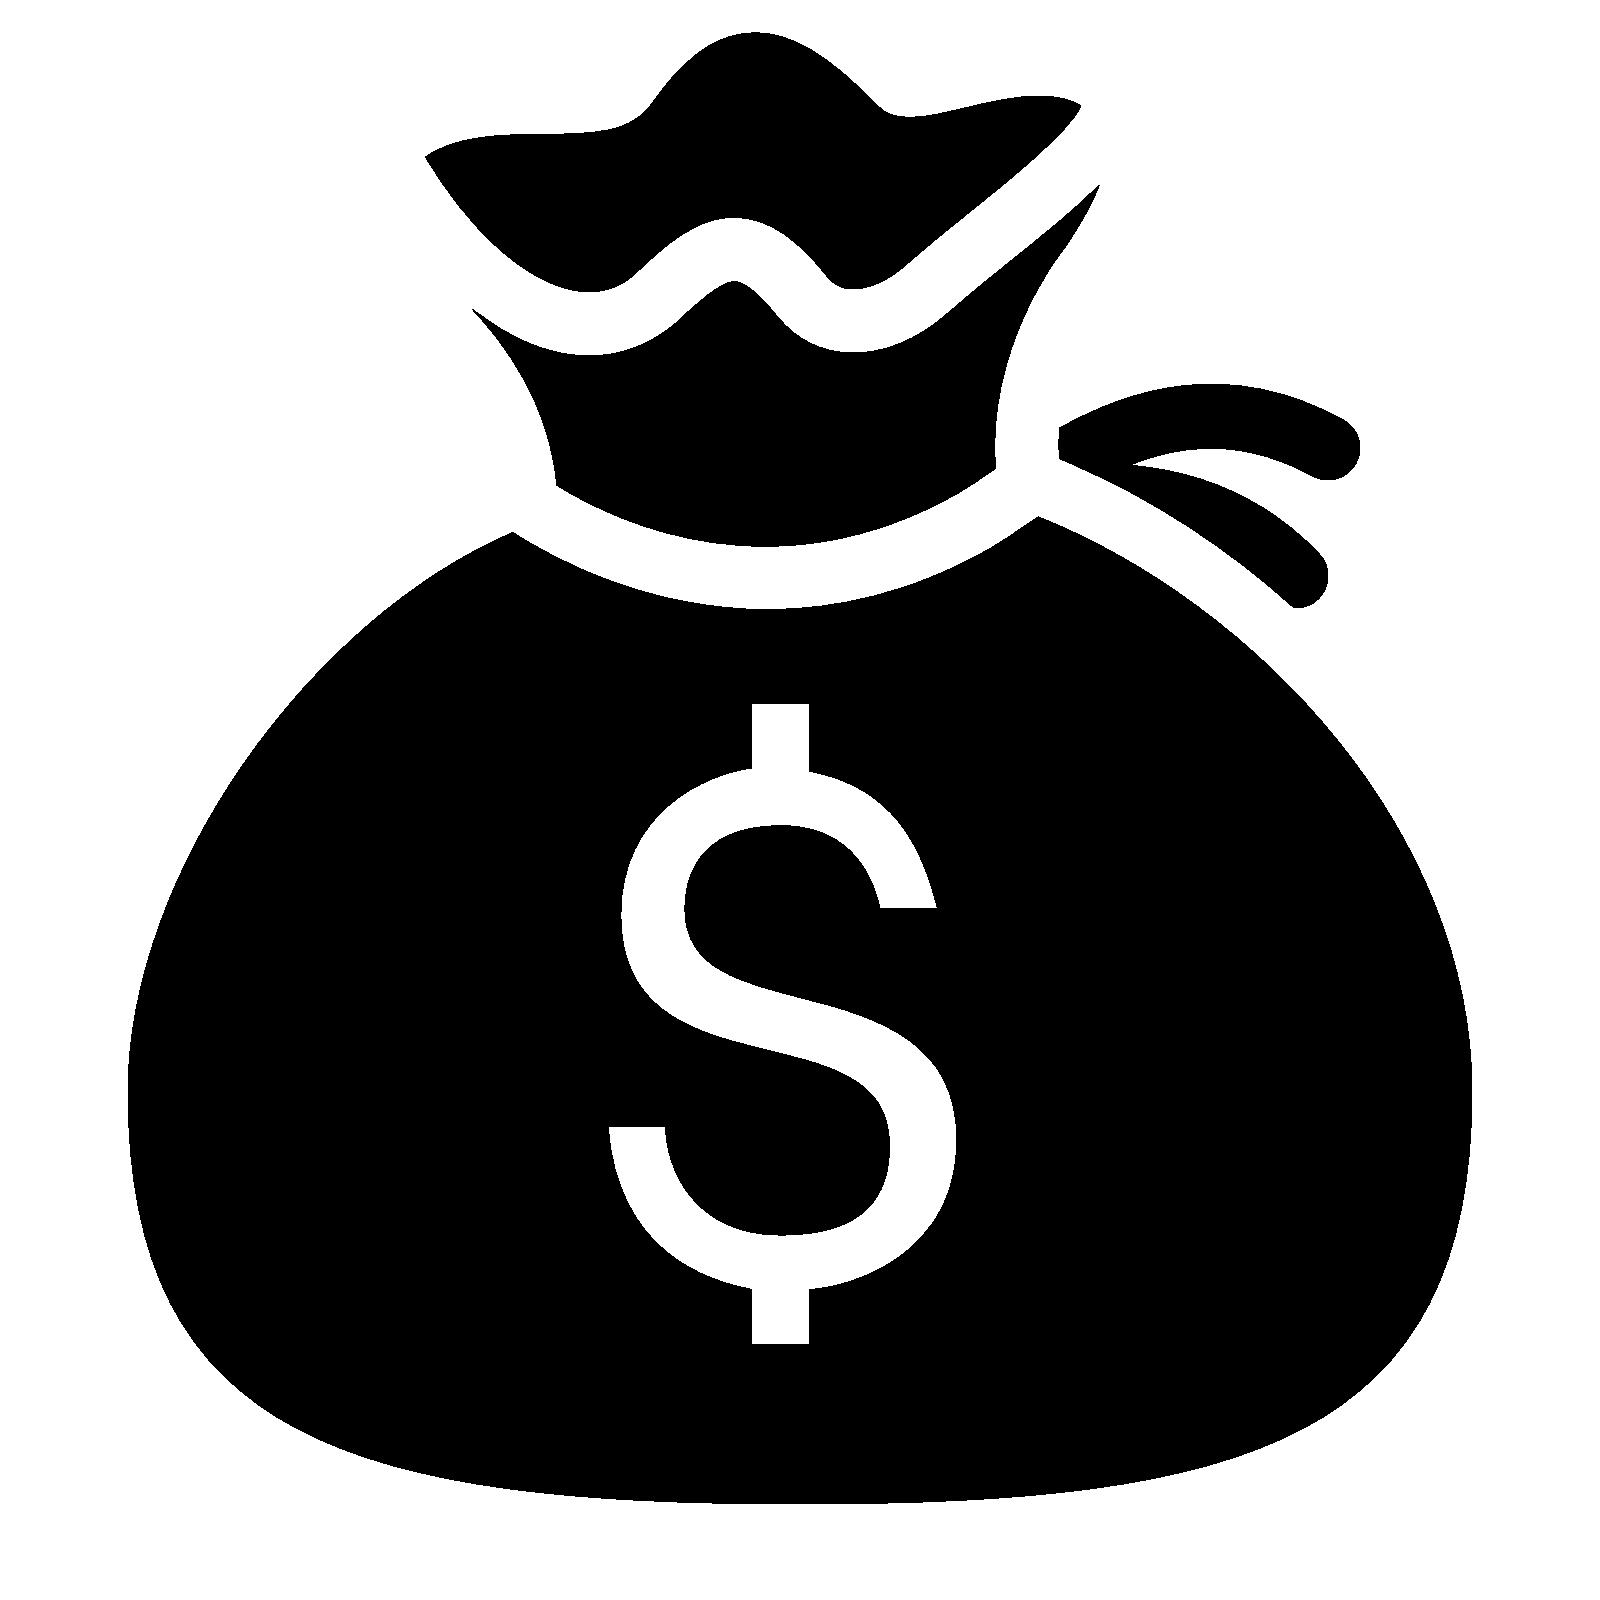 Computer Icons Money bag Bank Coin.